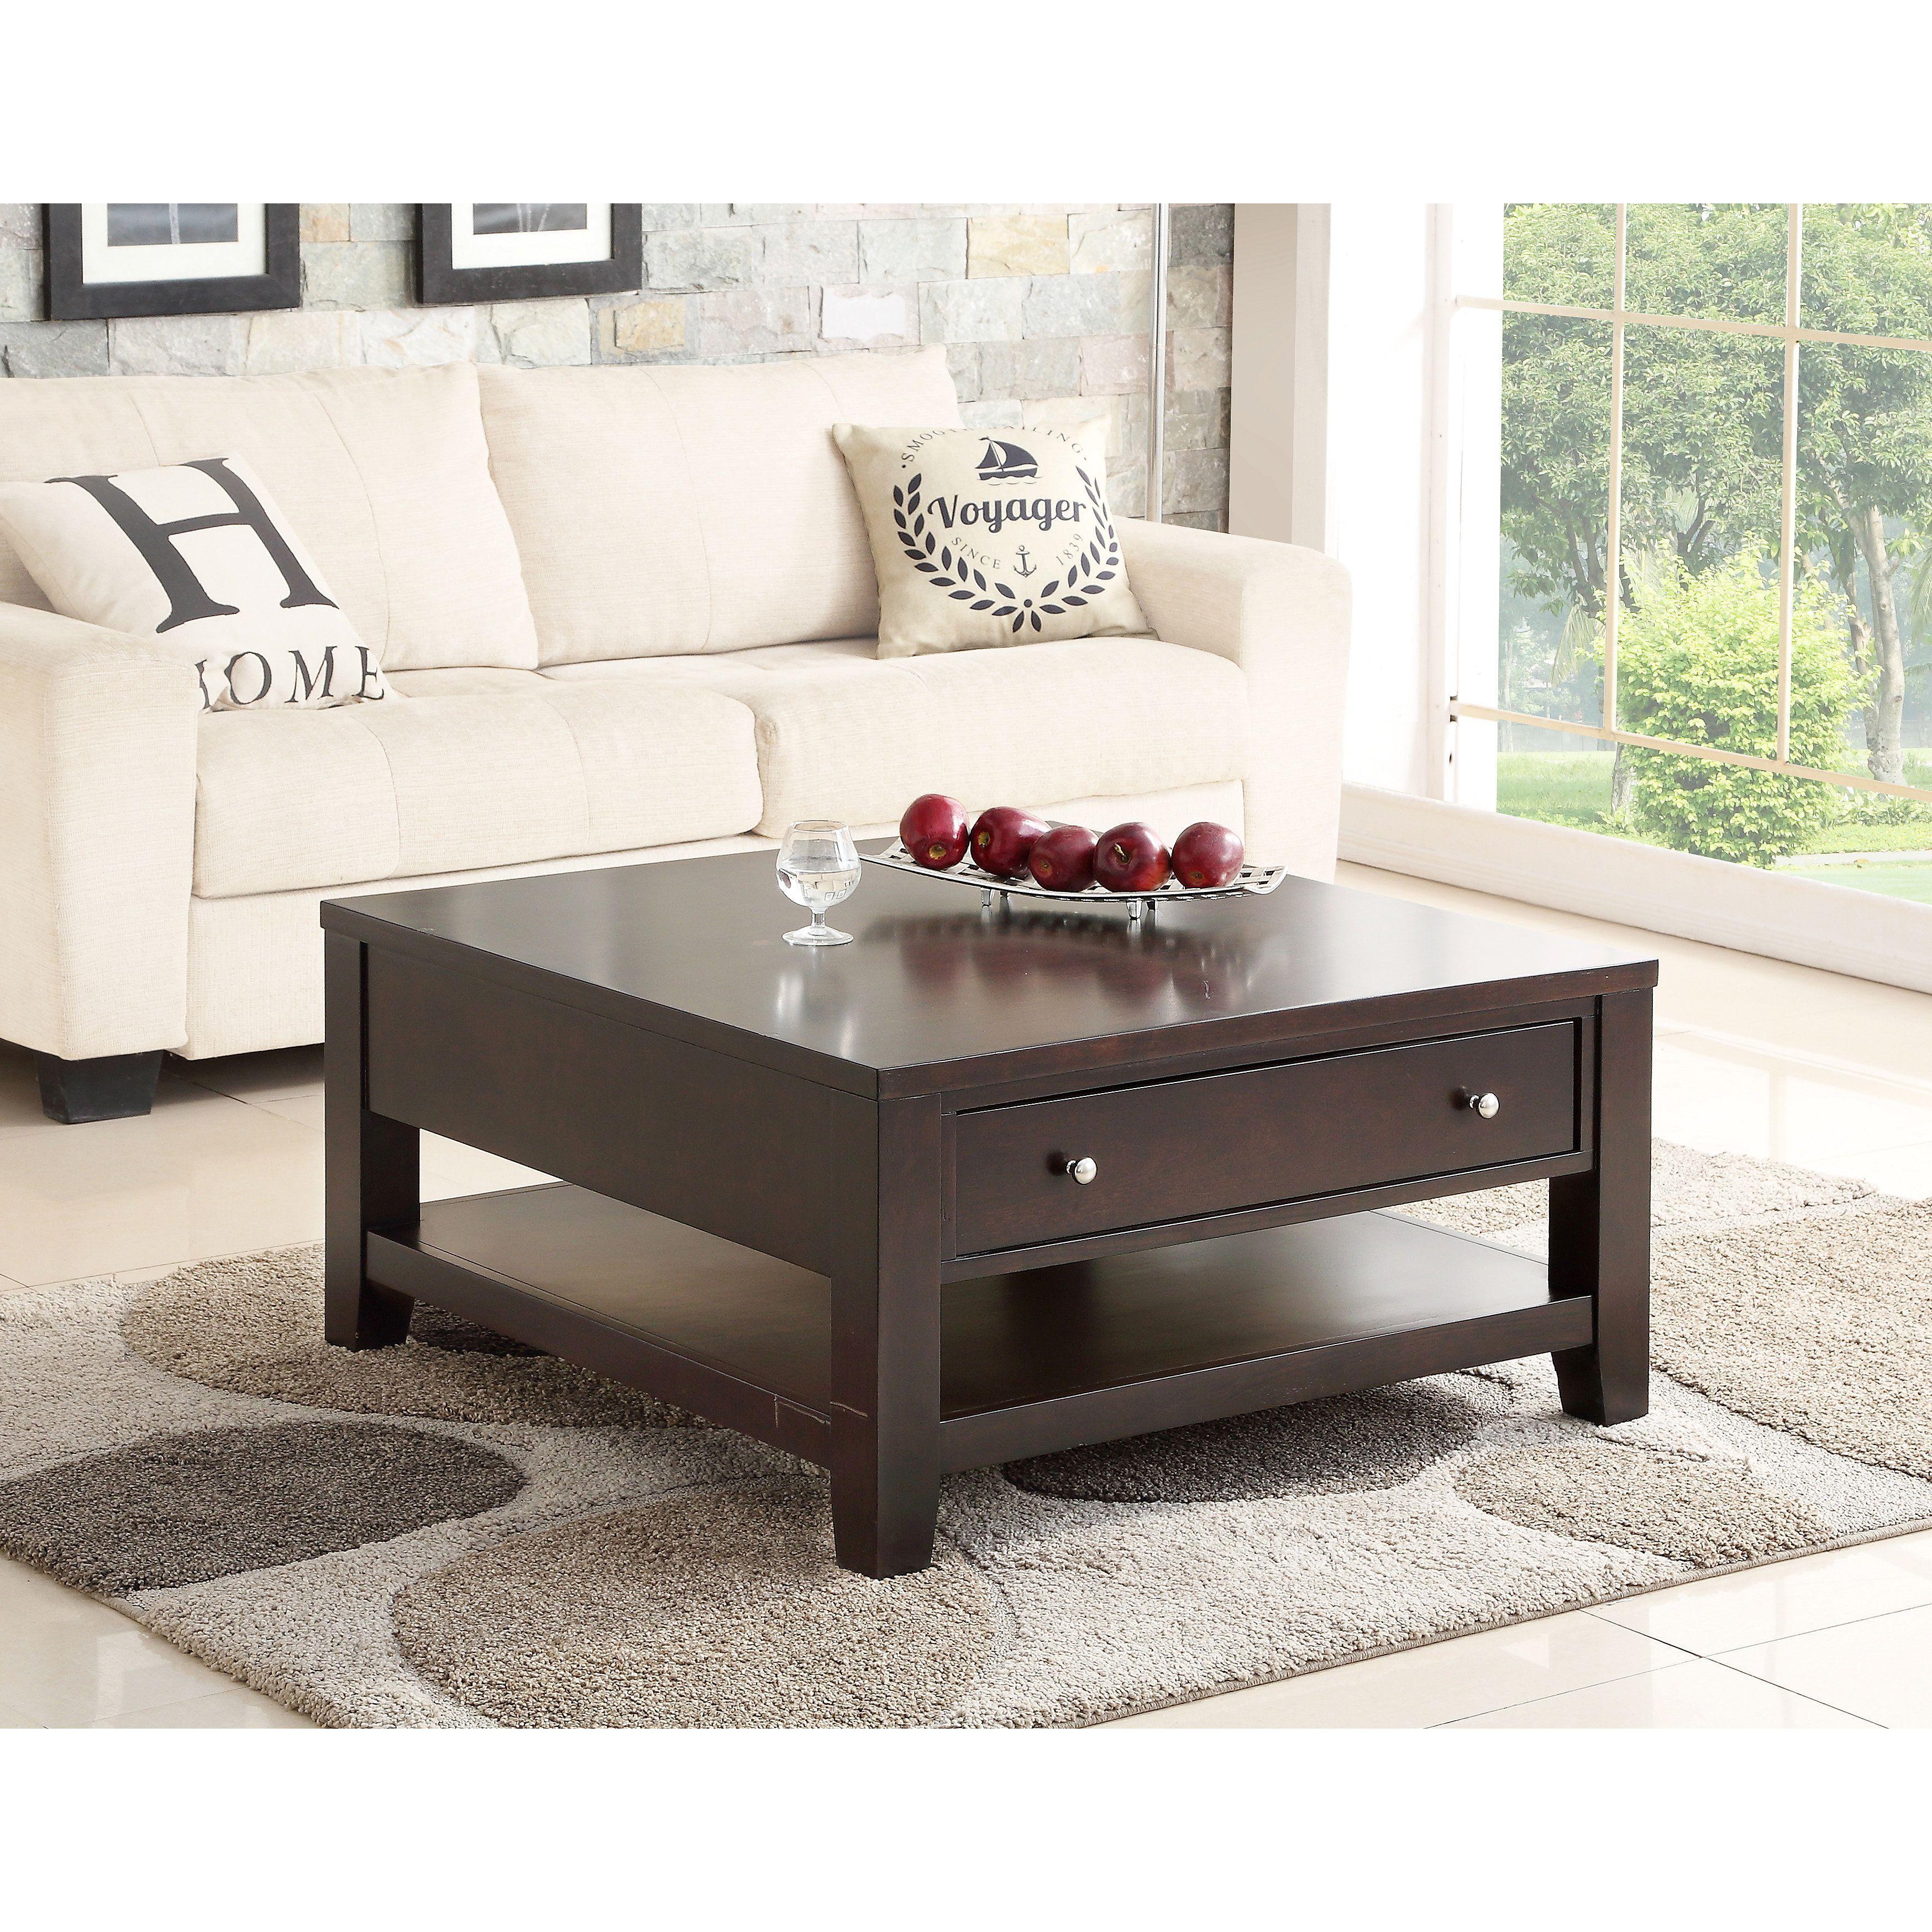 Square coffee table espresso - Abbyson Living Clarkston Espresso Rubberwood Square Coffee Table Coffee Table Brown